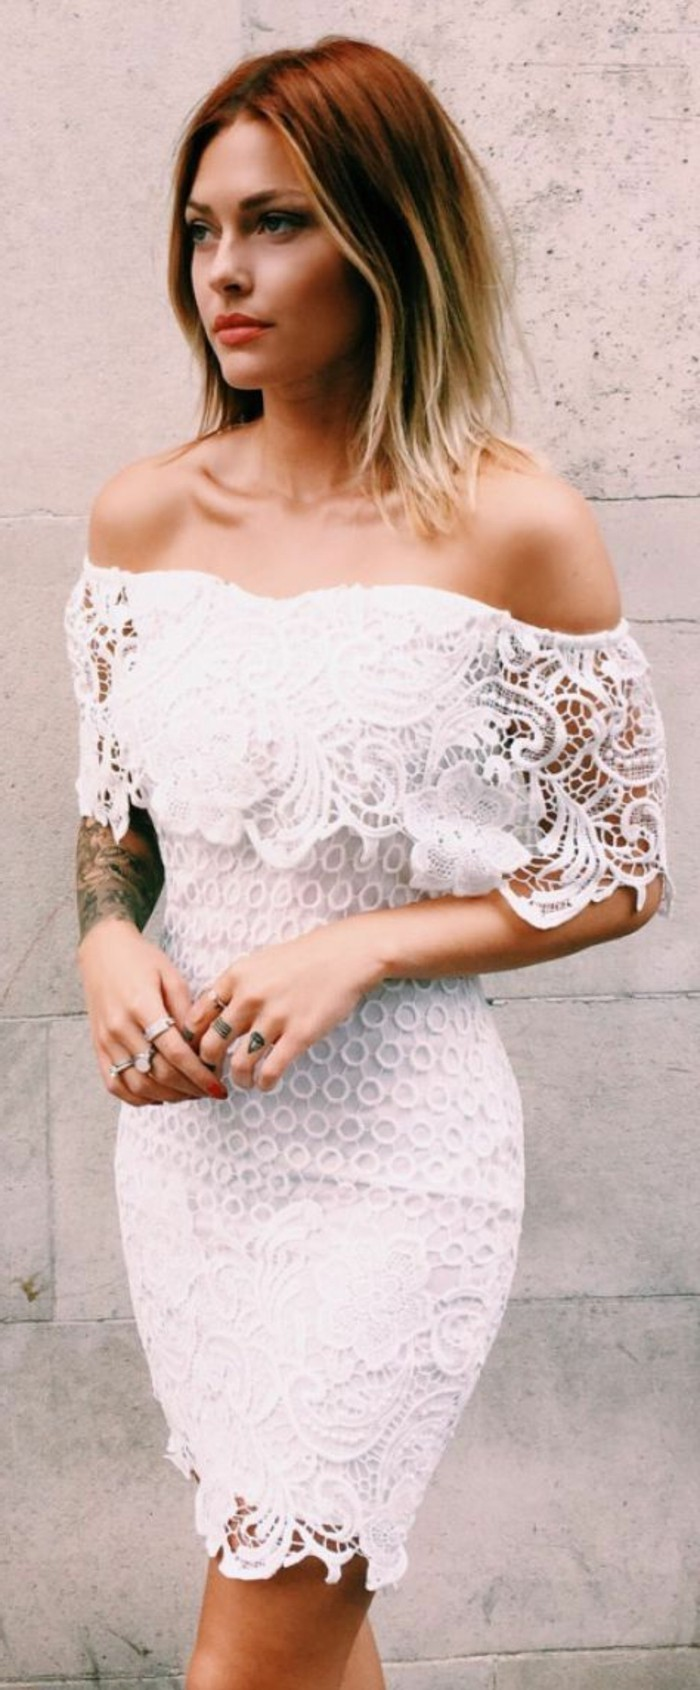 robe-en-dentelle-noire-robes-dentelle-blanc